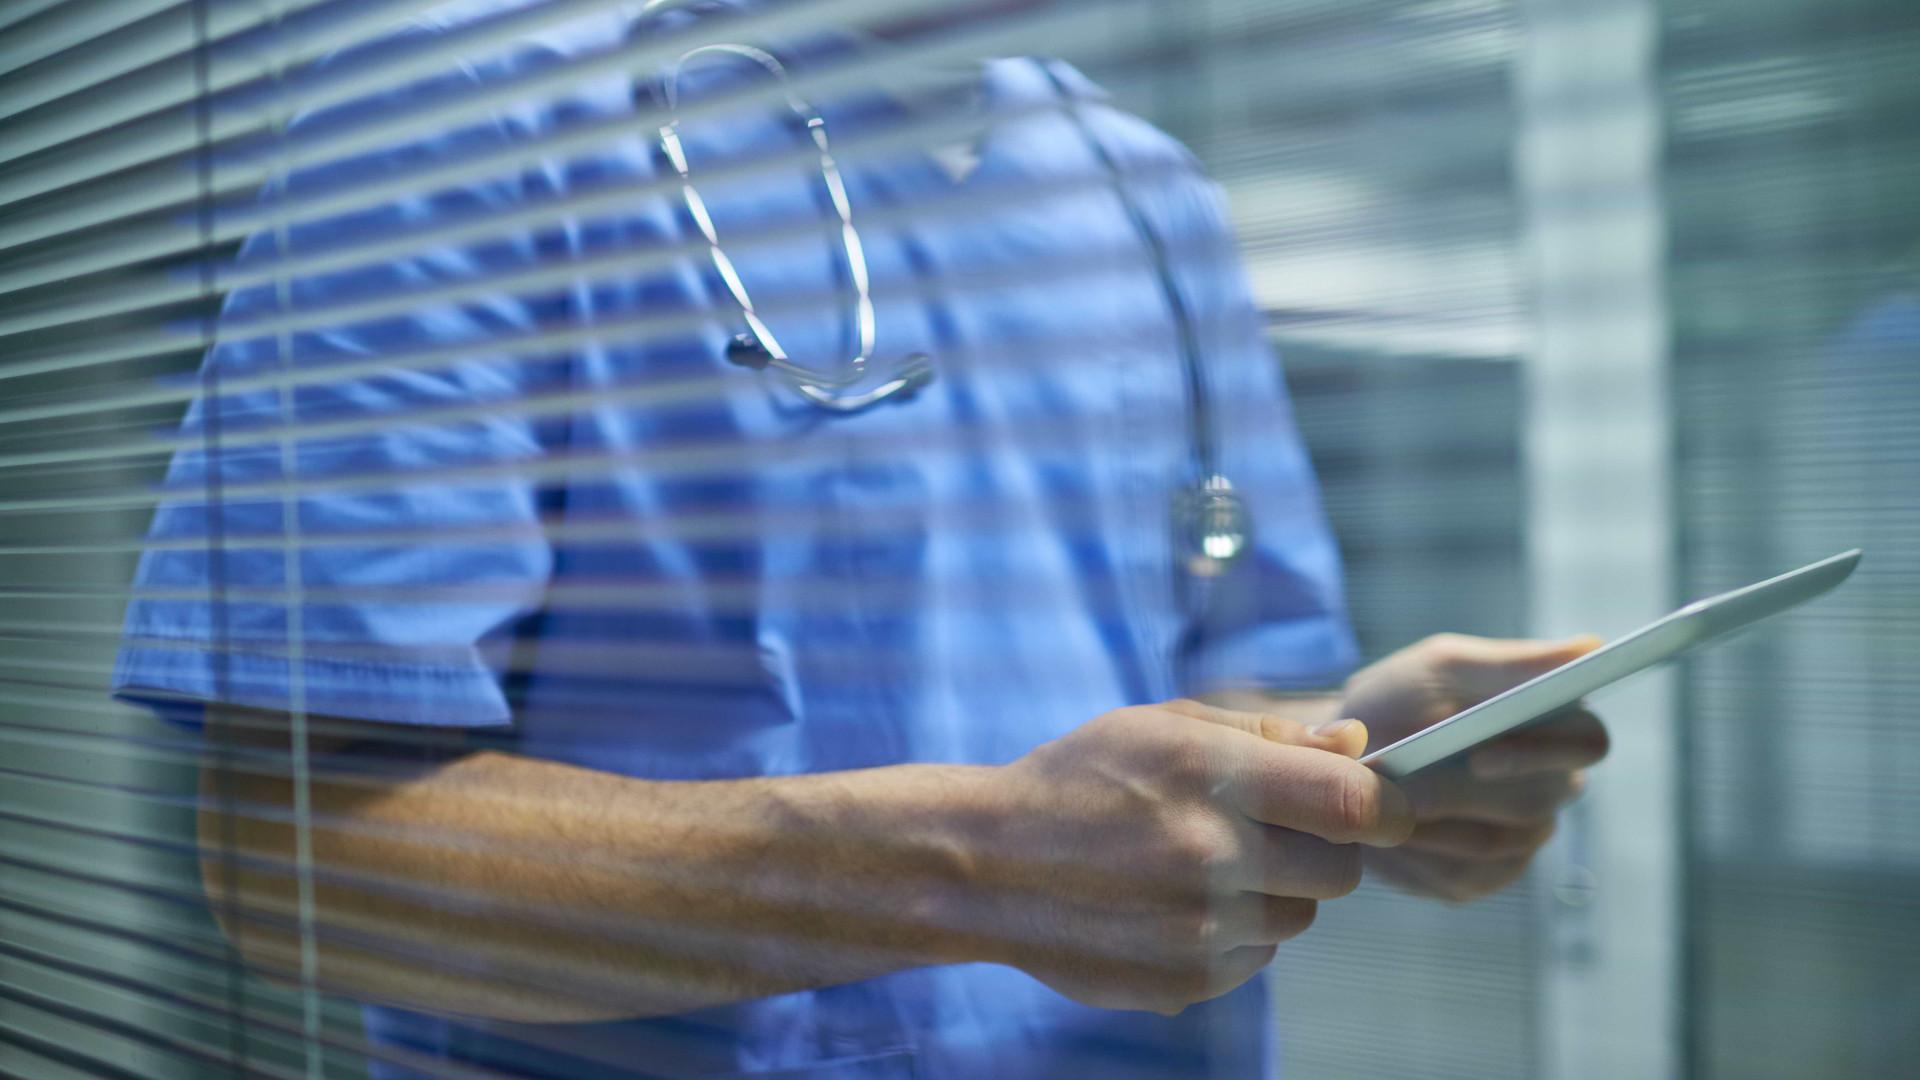 Avizinham-se problemas nos seguros de saúde e de vida, avisam seguradoras